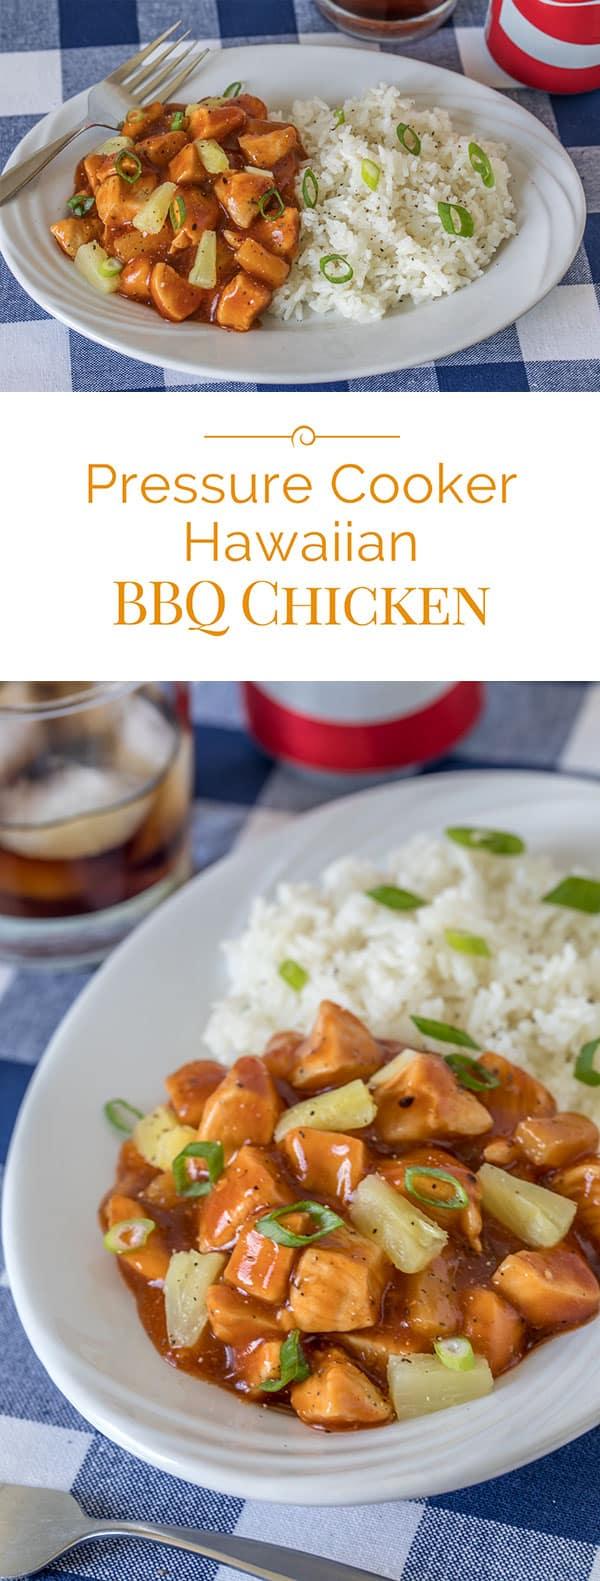 Pressure-Cooker-Hawaiian-BBQ-Chicken-Collage